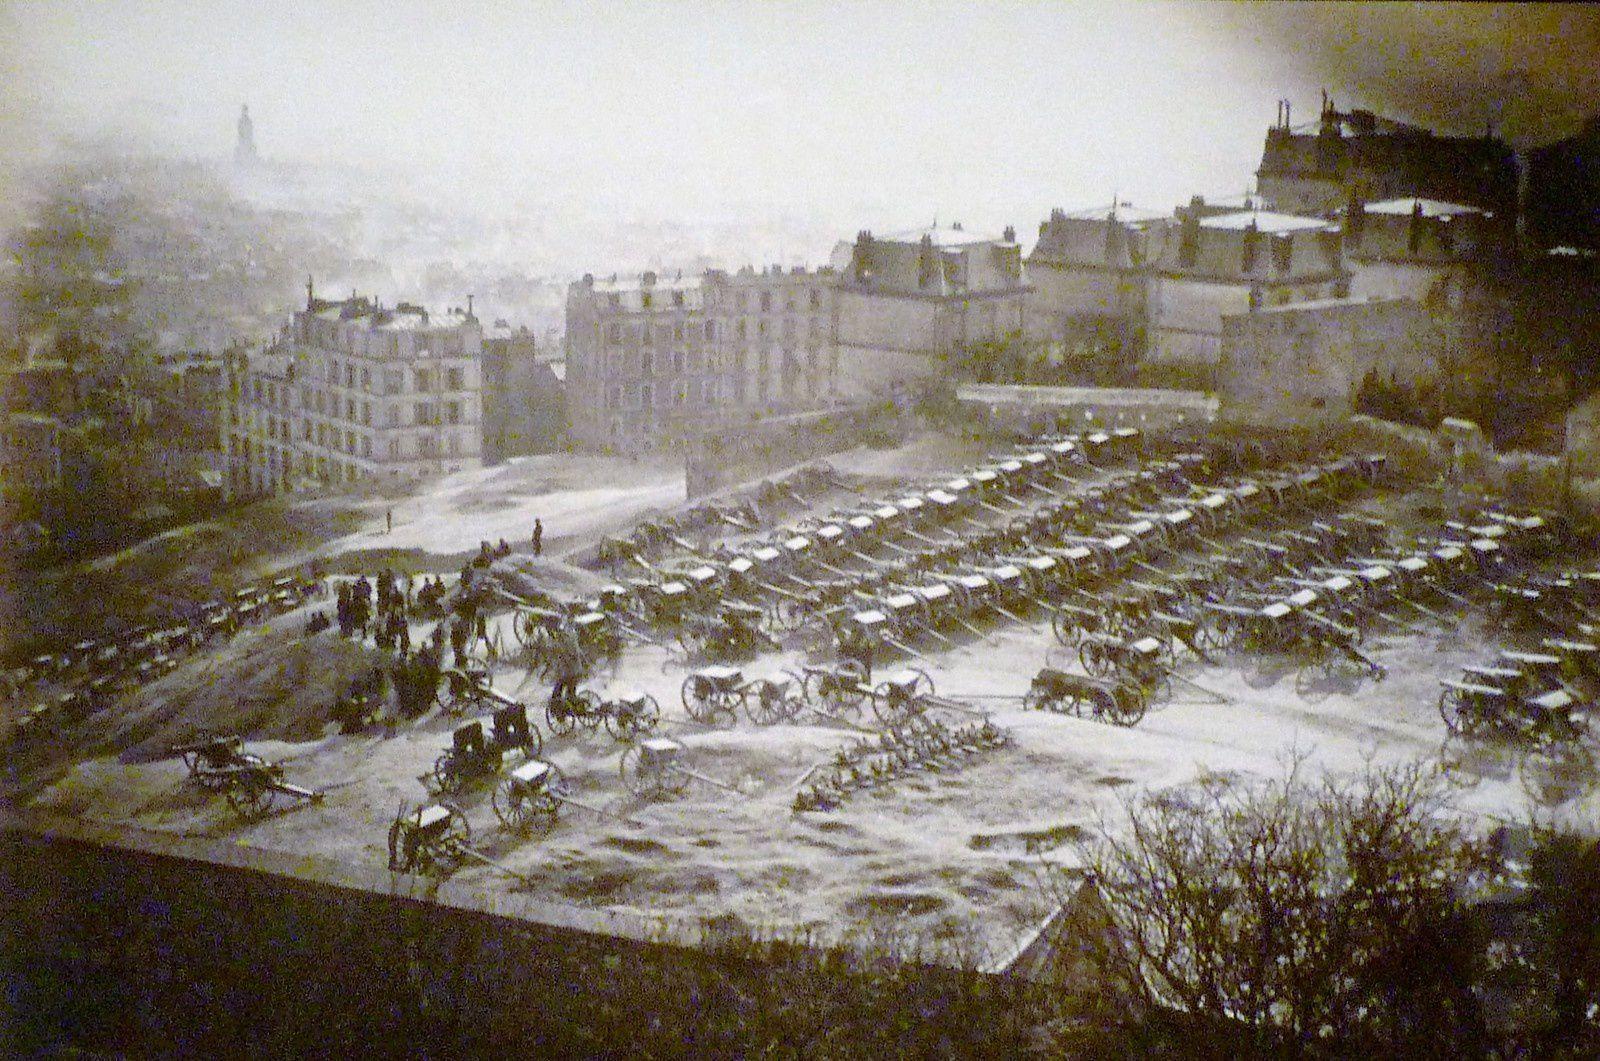 Les canons de Montmartre.